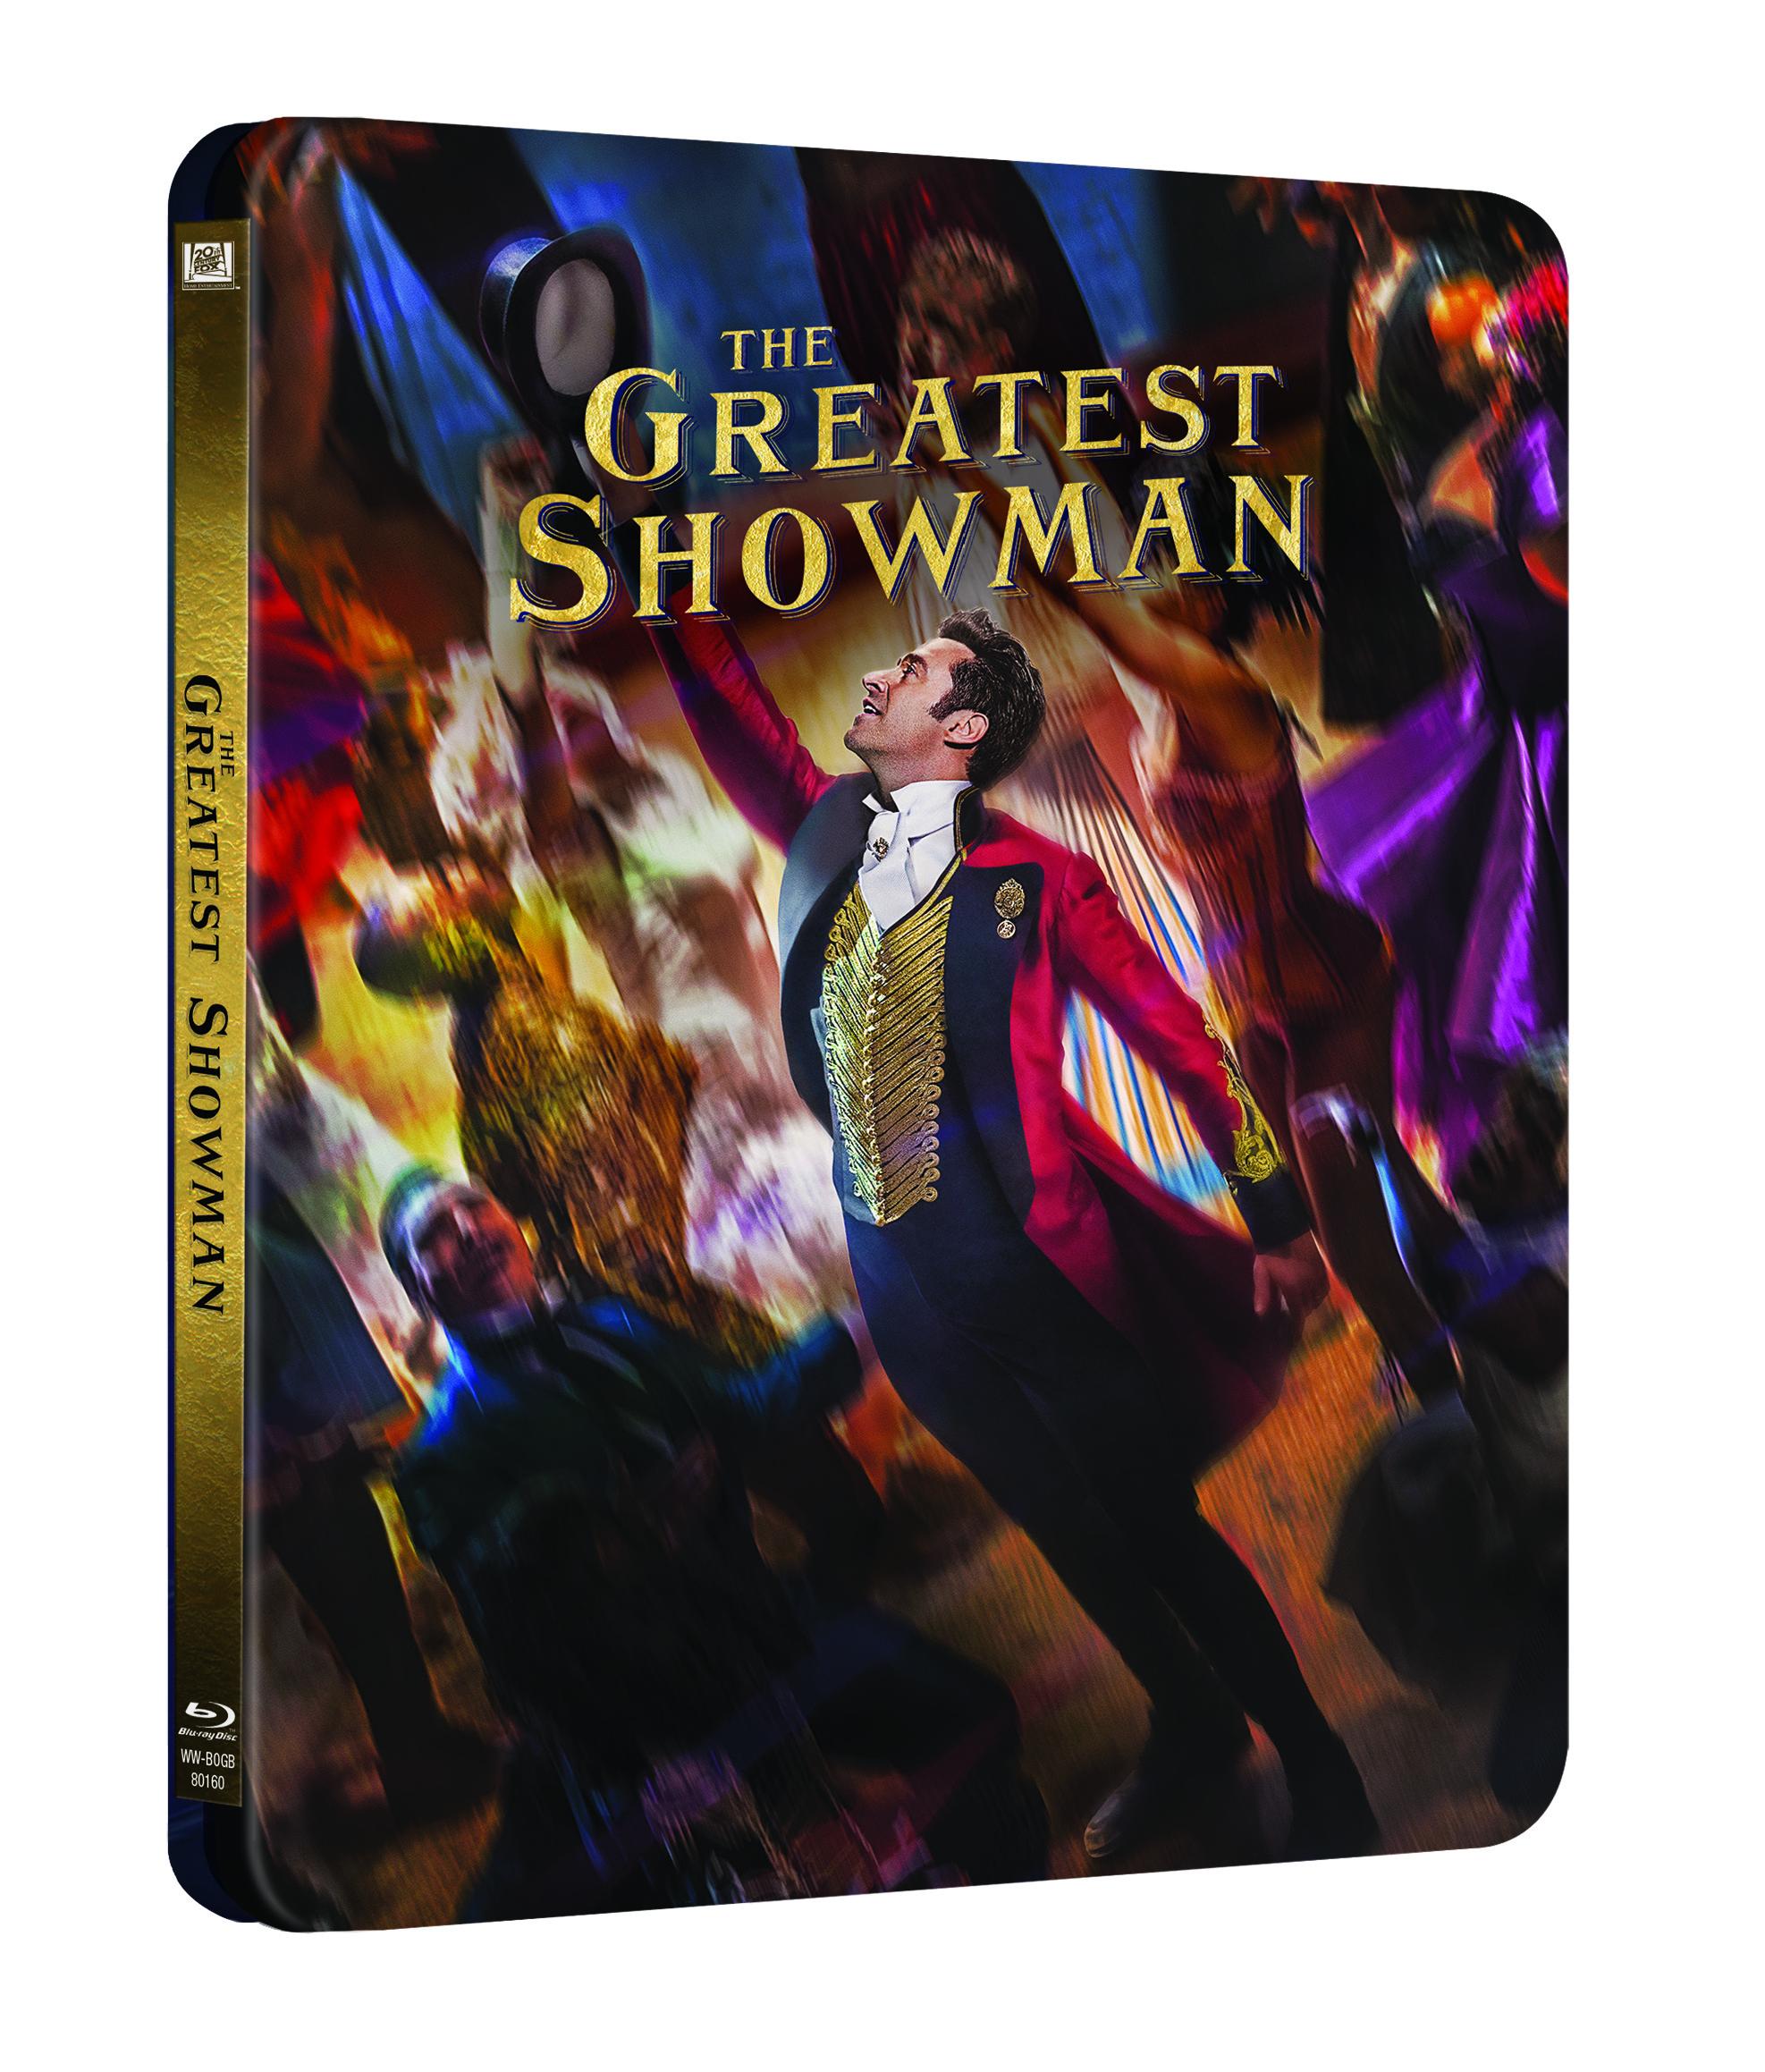 'El Gran Showman' llegará en 4K Ultra HD, Blu-ray, Steelbook y Dvd el 2 de mayo • En tu pantalla